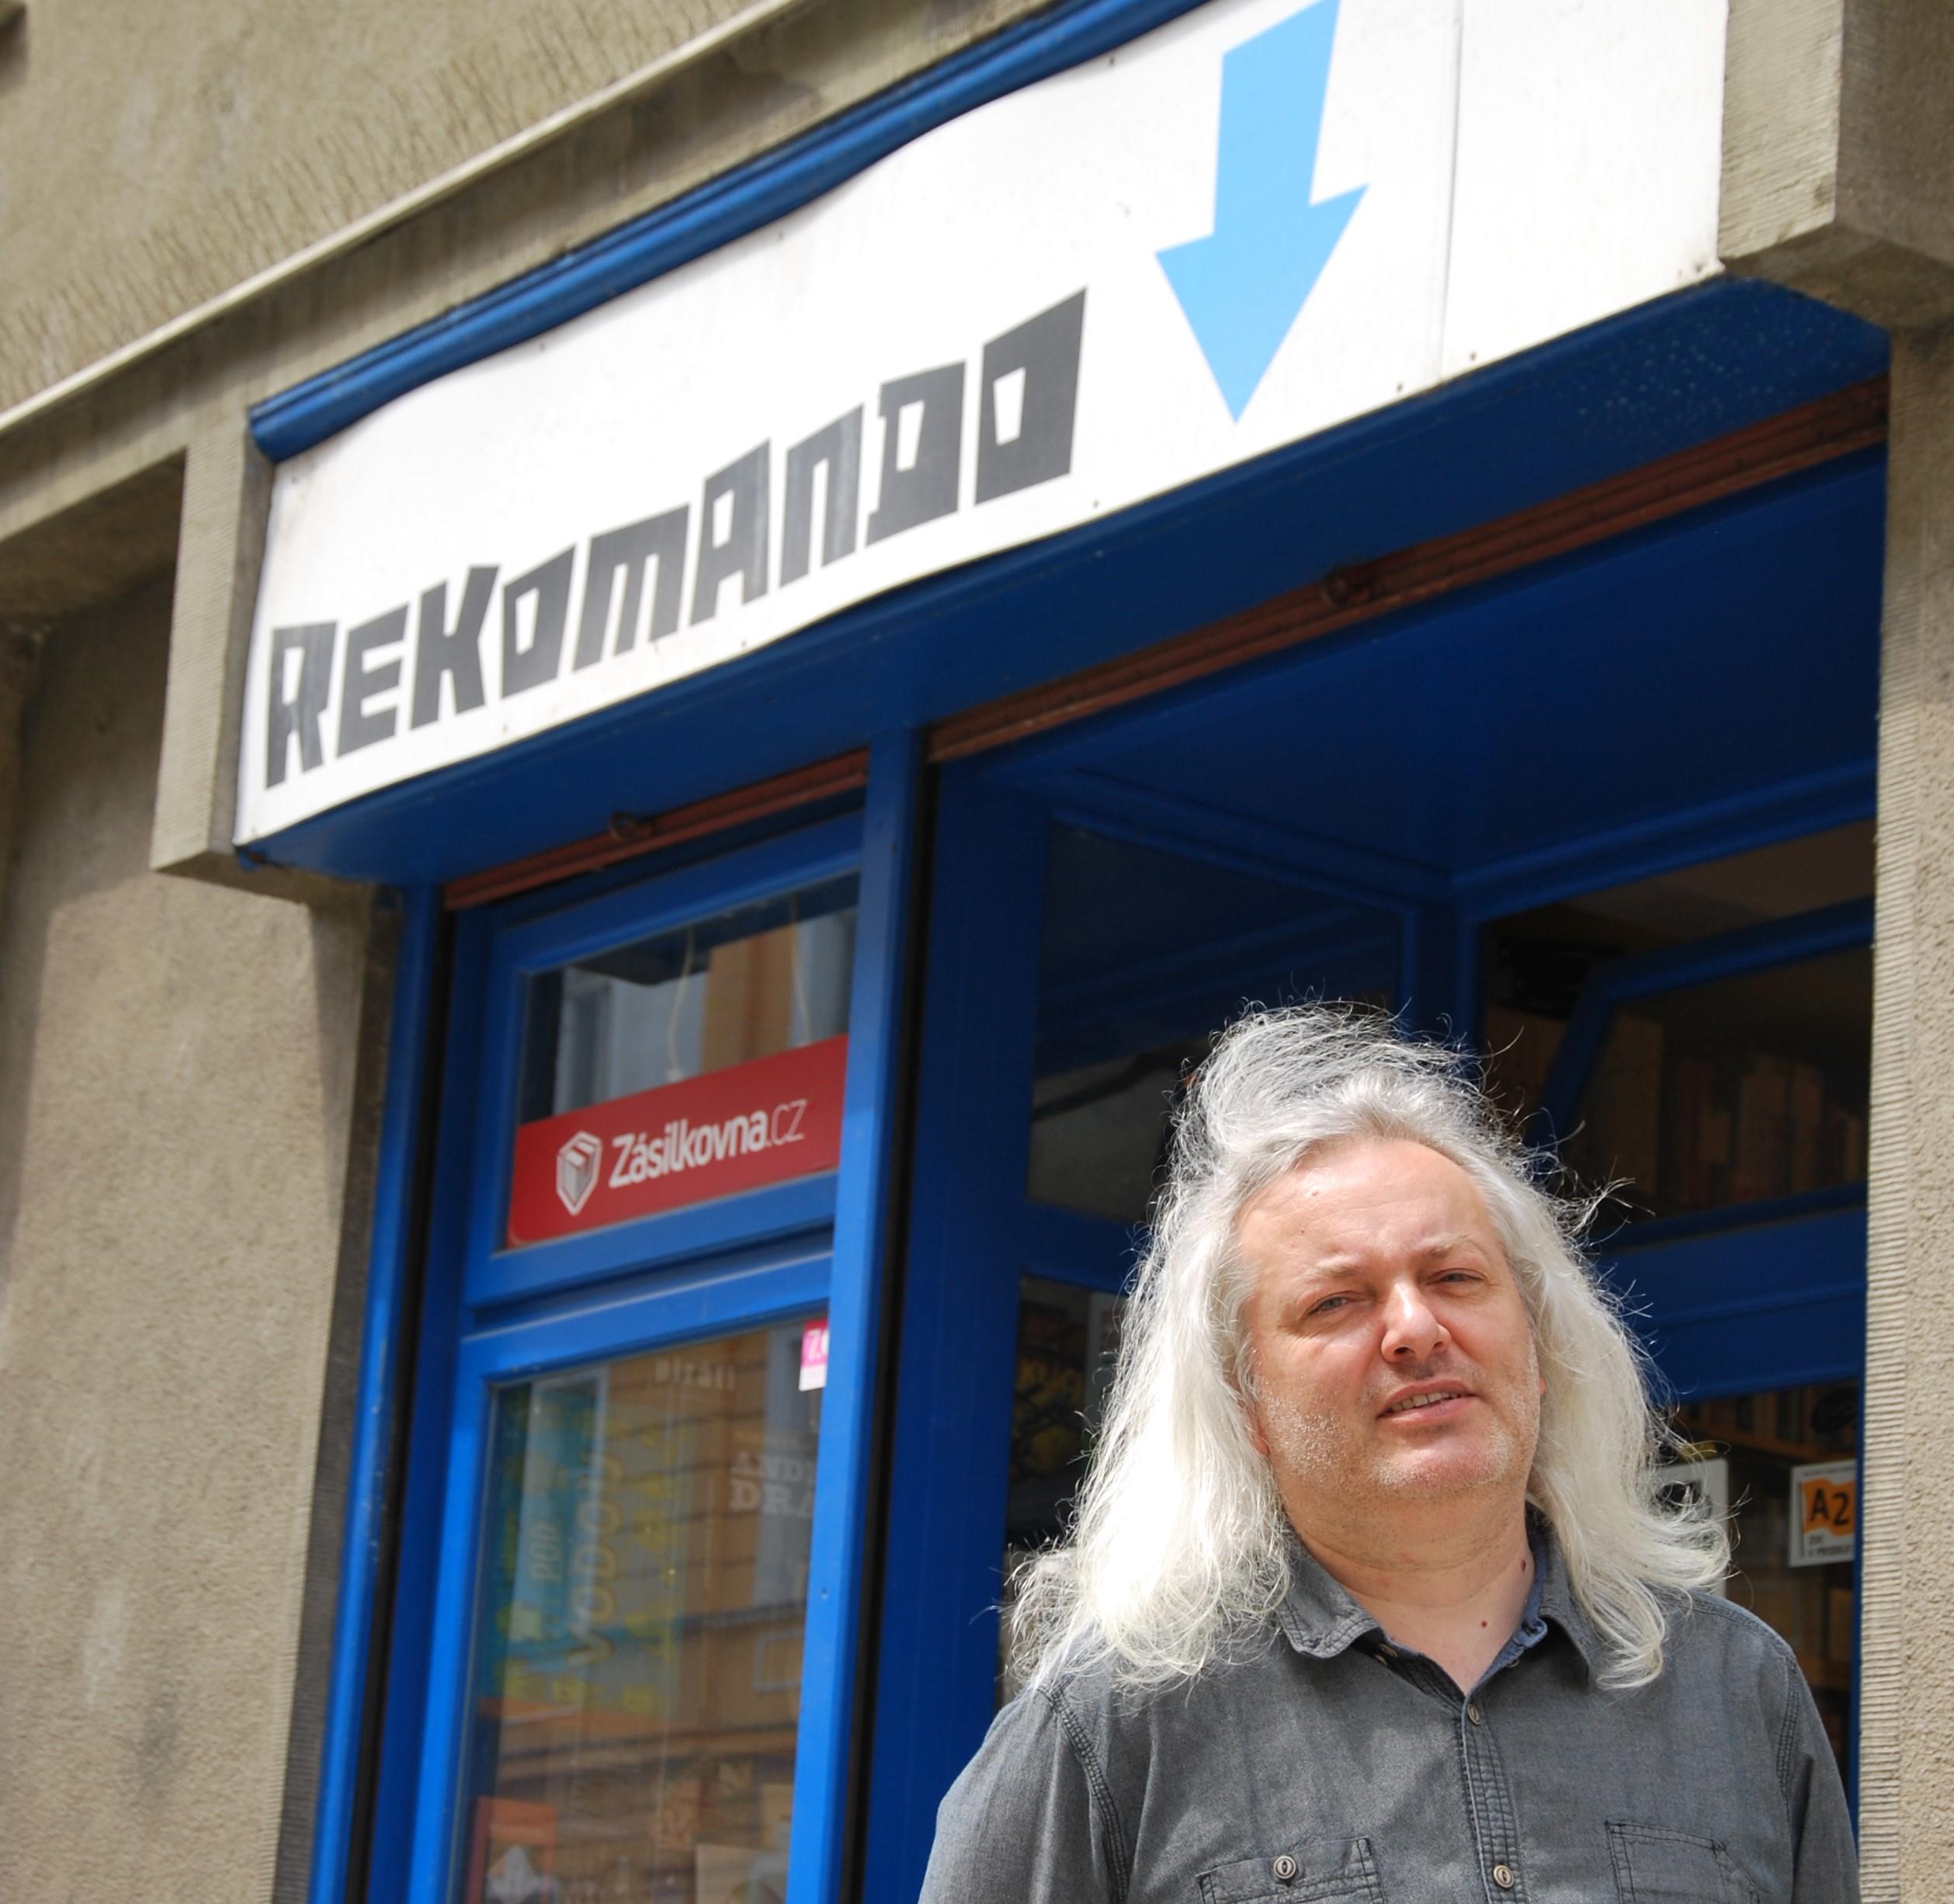 Josef-Jindrák-Rekomando-photo-credit-Karolina-Wencelová-Nevinný-obchod